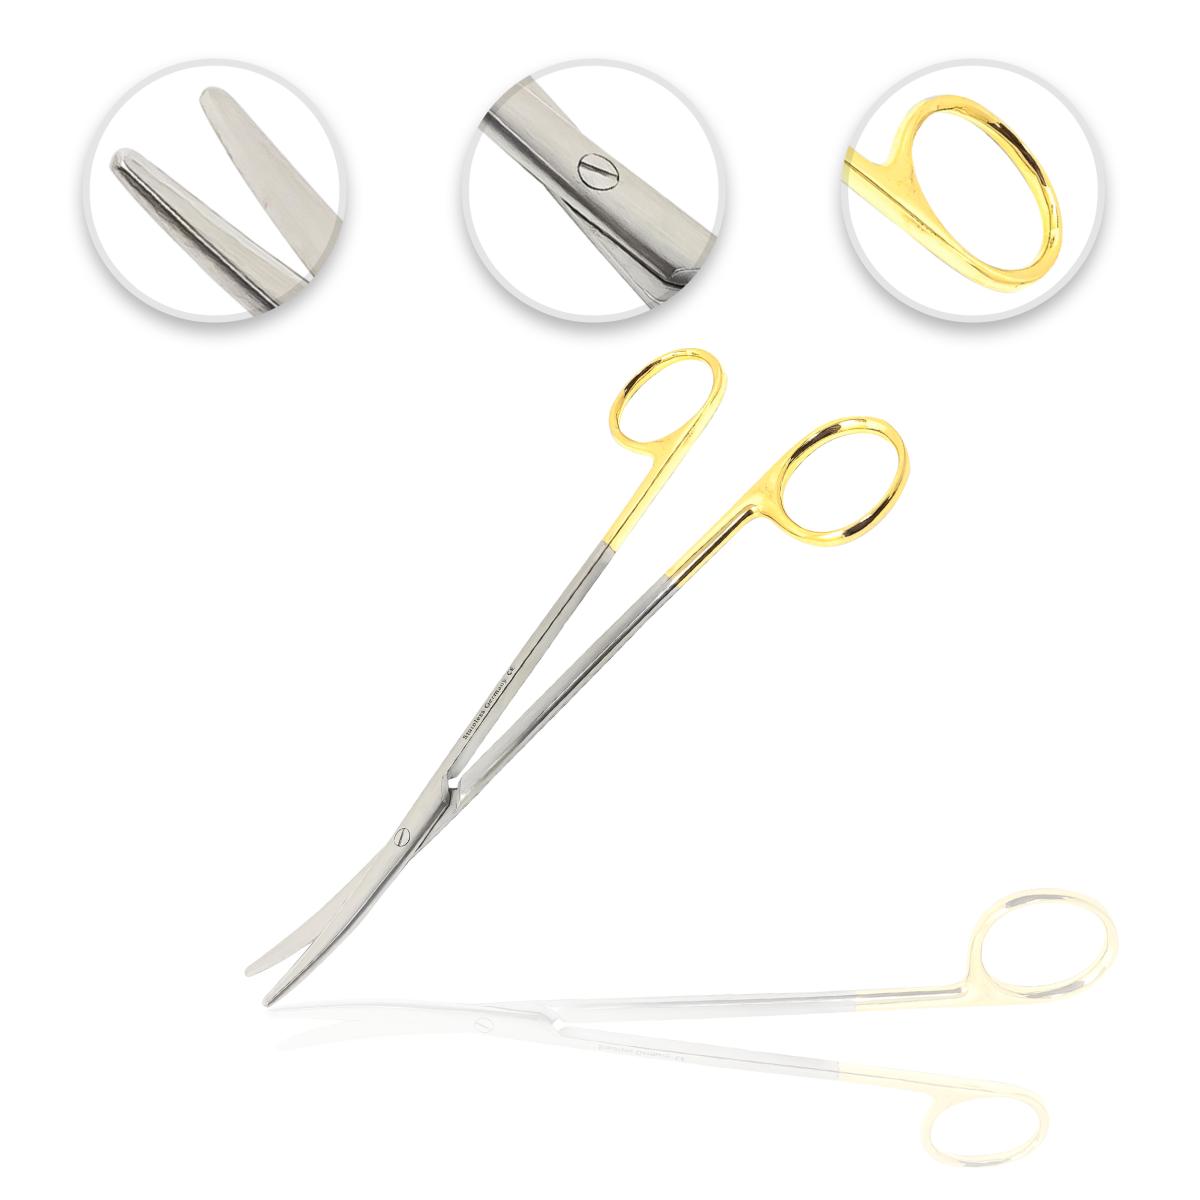 Metzenbaum Dissecting Scissors 3